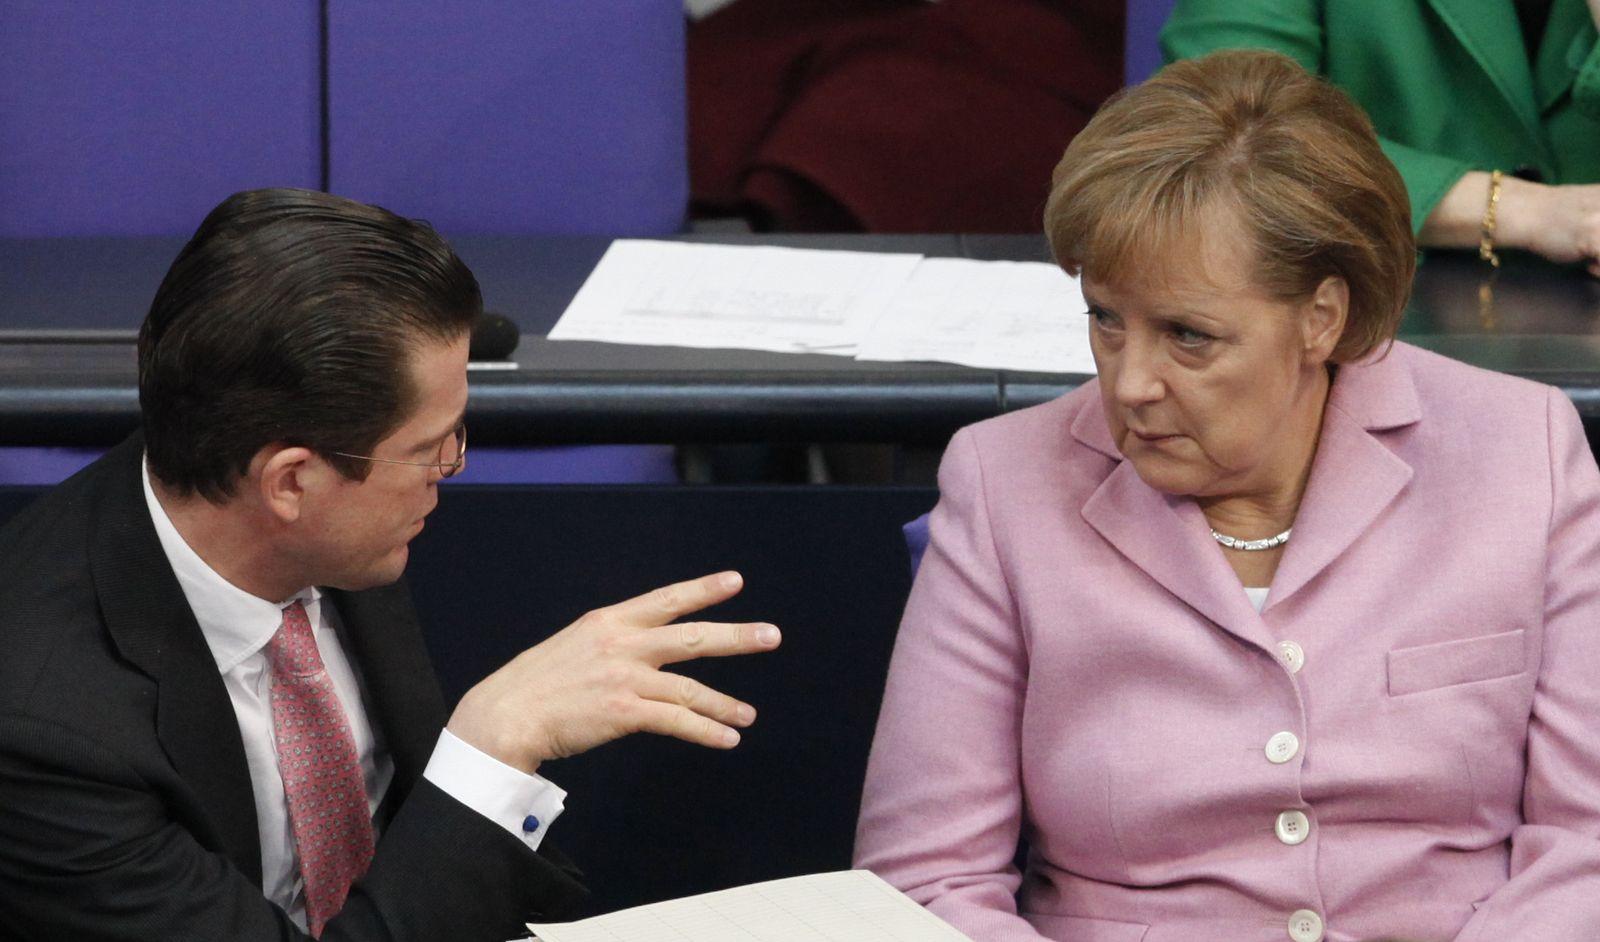 Bundestag / Guttenberg / Merkel